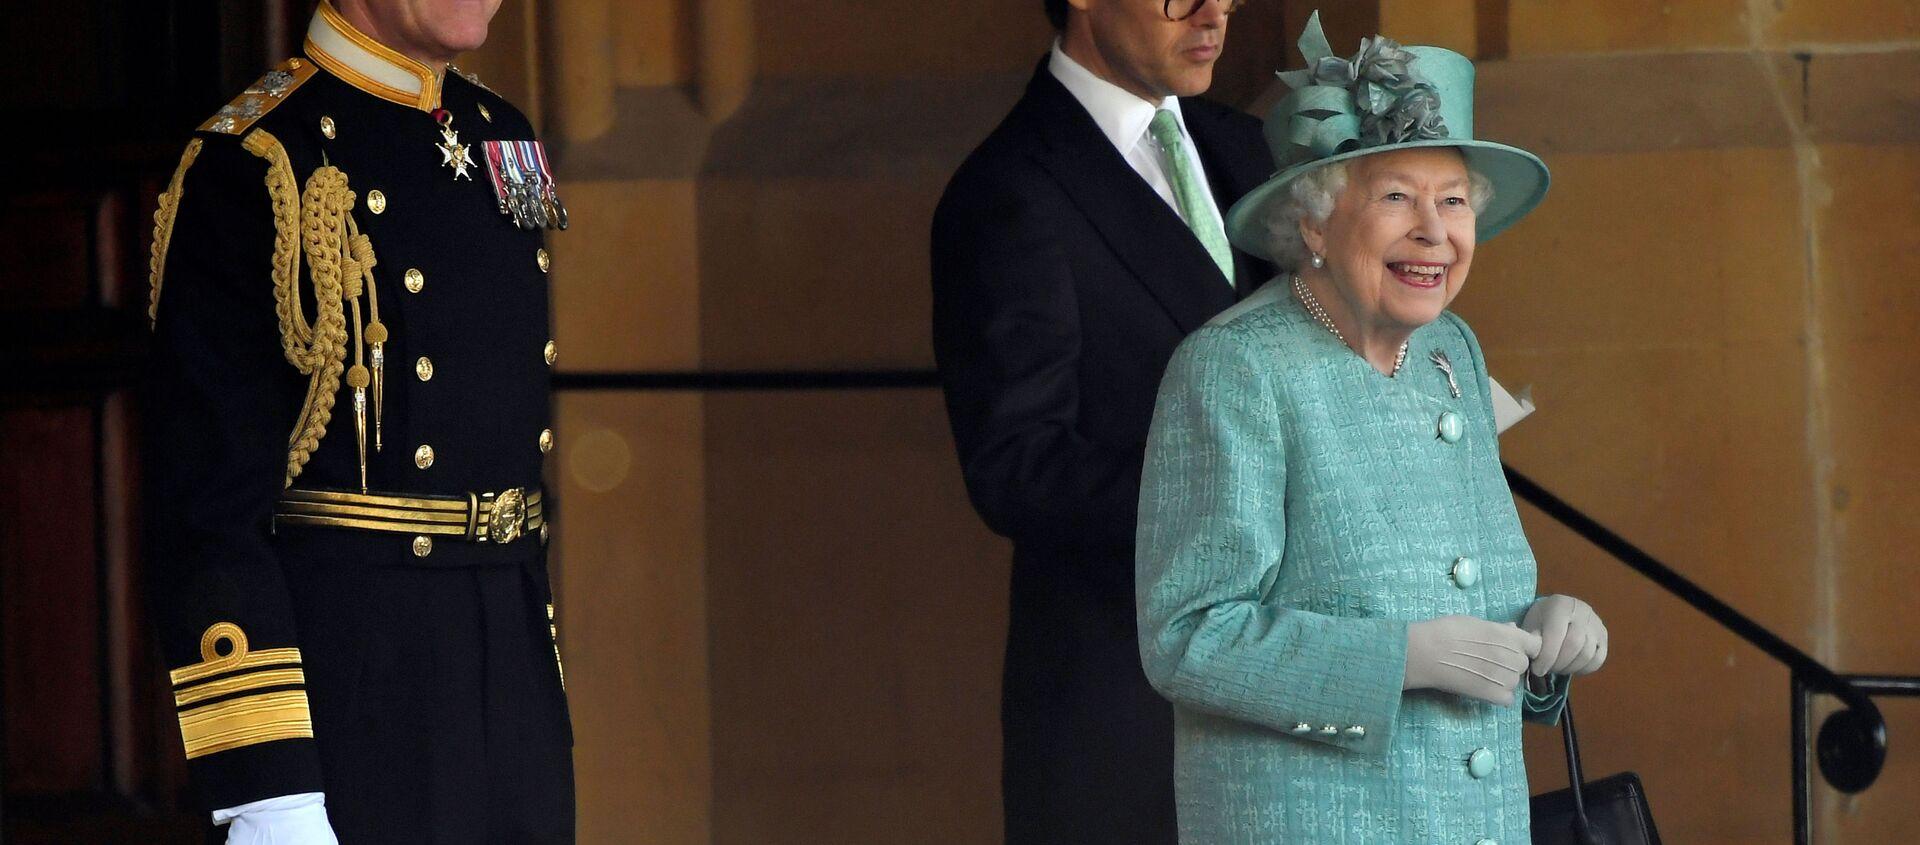 La reina Isabel asiste a una ceremonia ejecutada por soldados de la Guardia Galesa - Sputnik Mundo, 1920, 24.06.2020